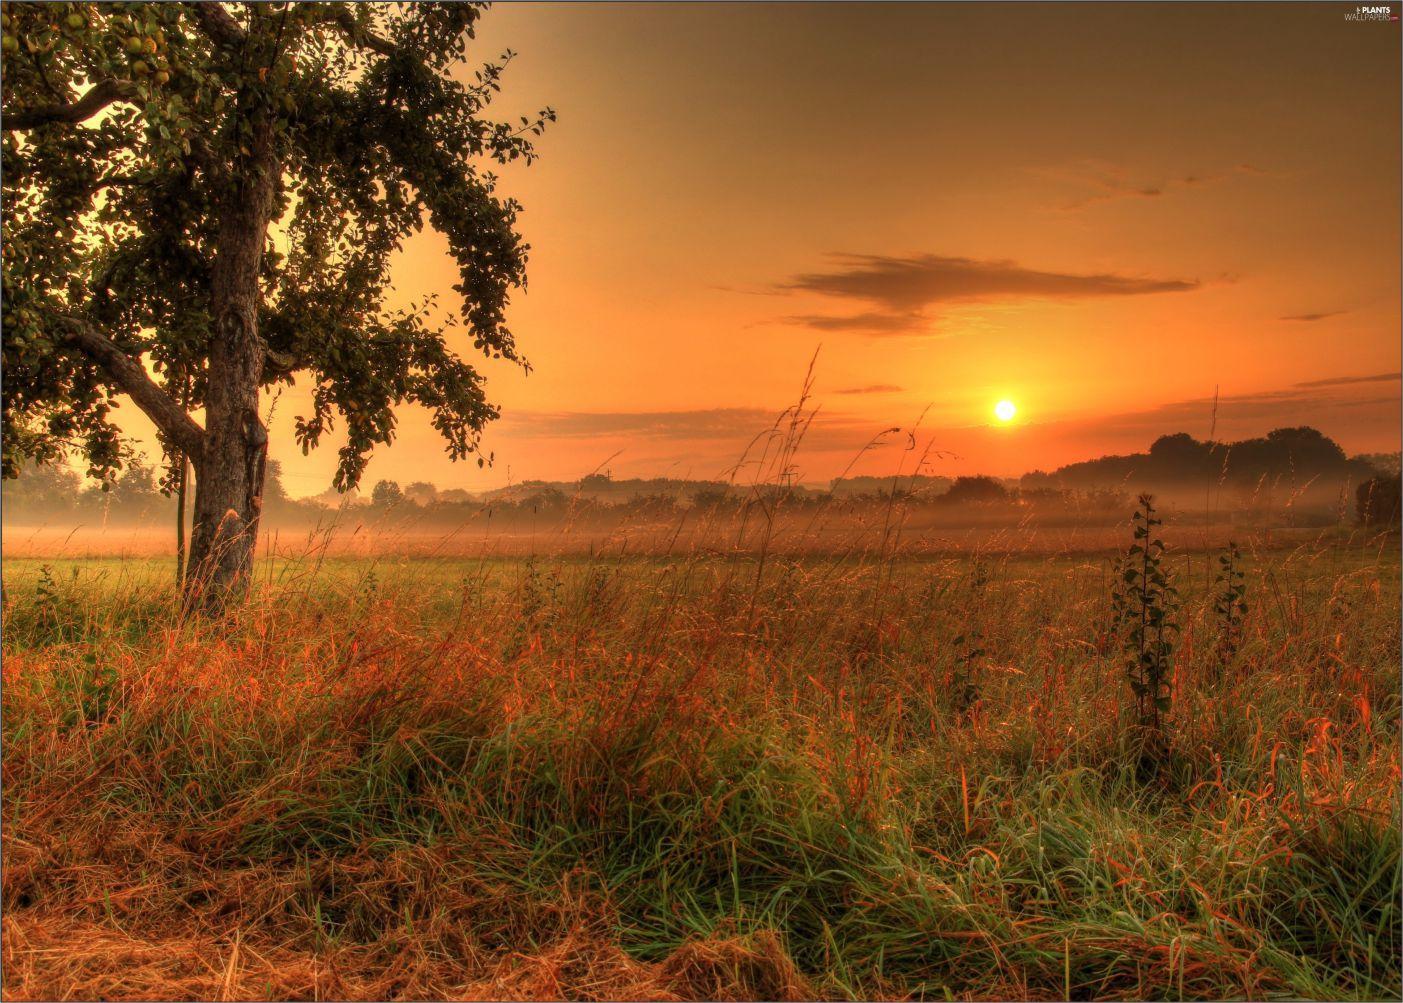 Papel de Parede Paisagens Por do Sol 0010  - Paredes Decoradas